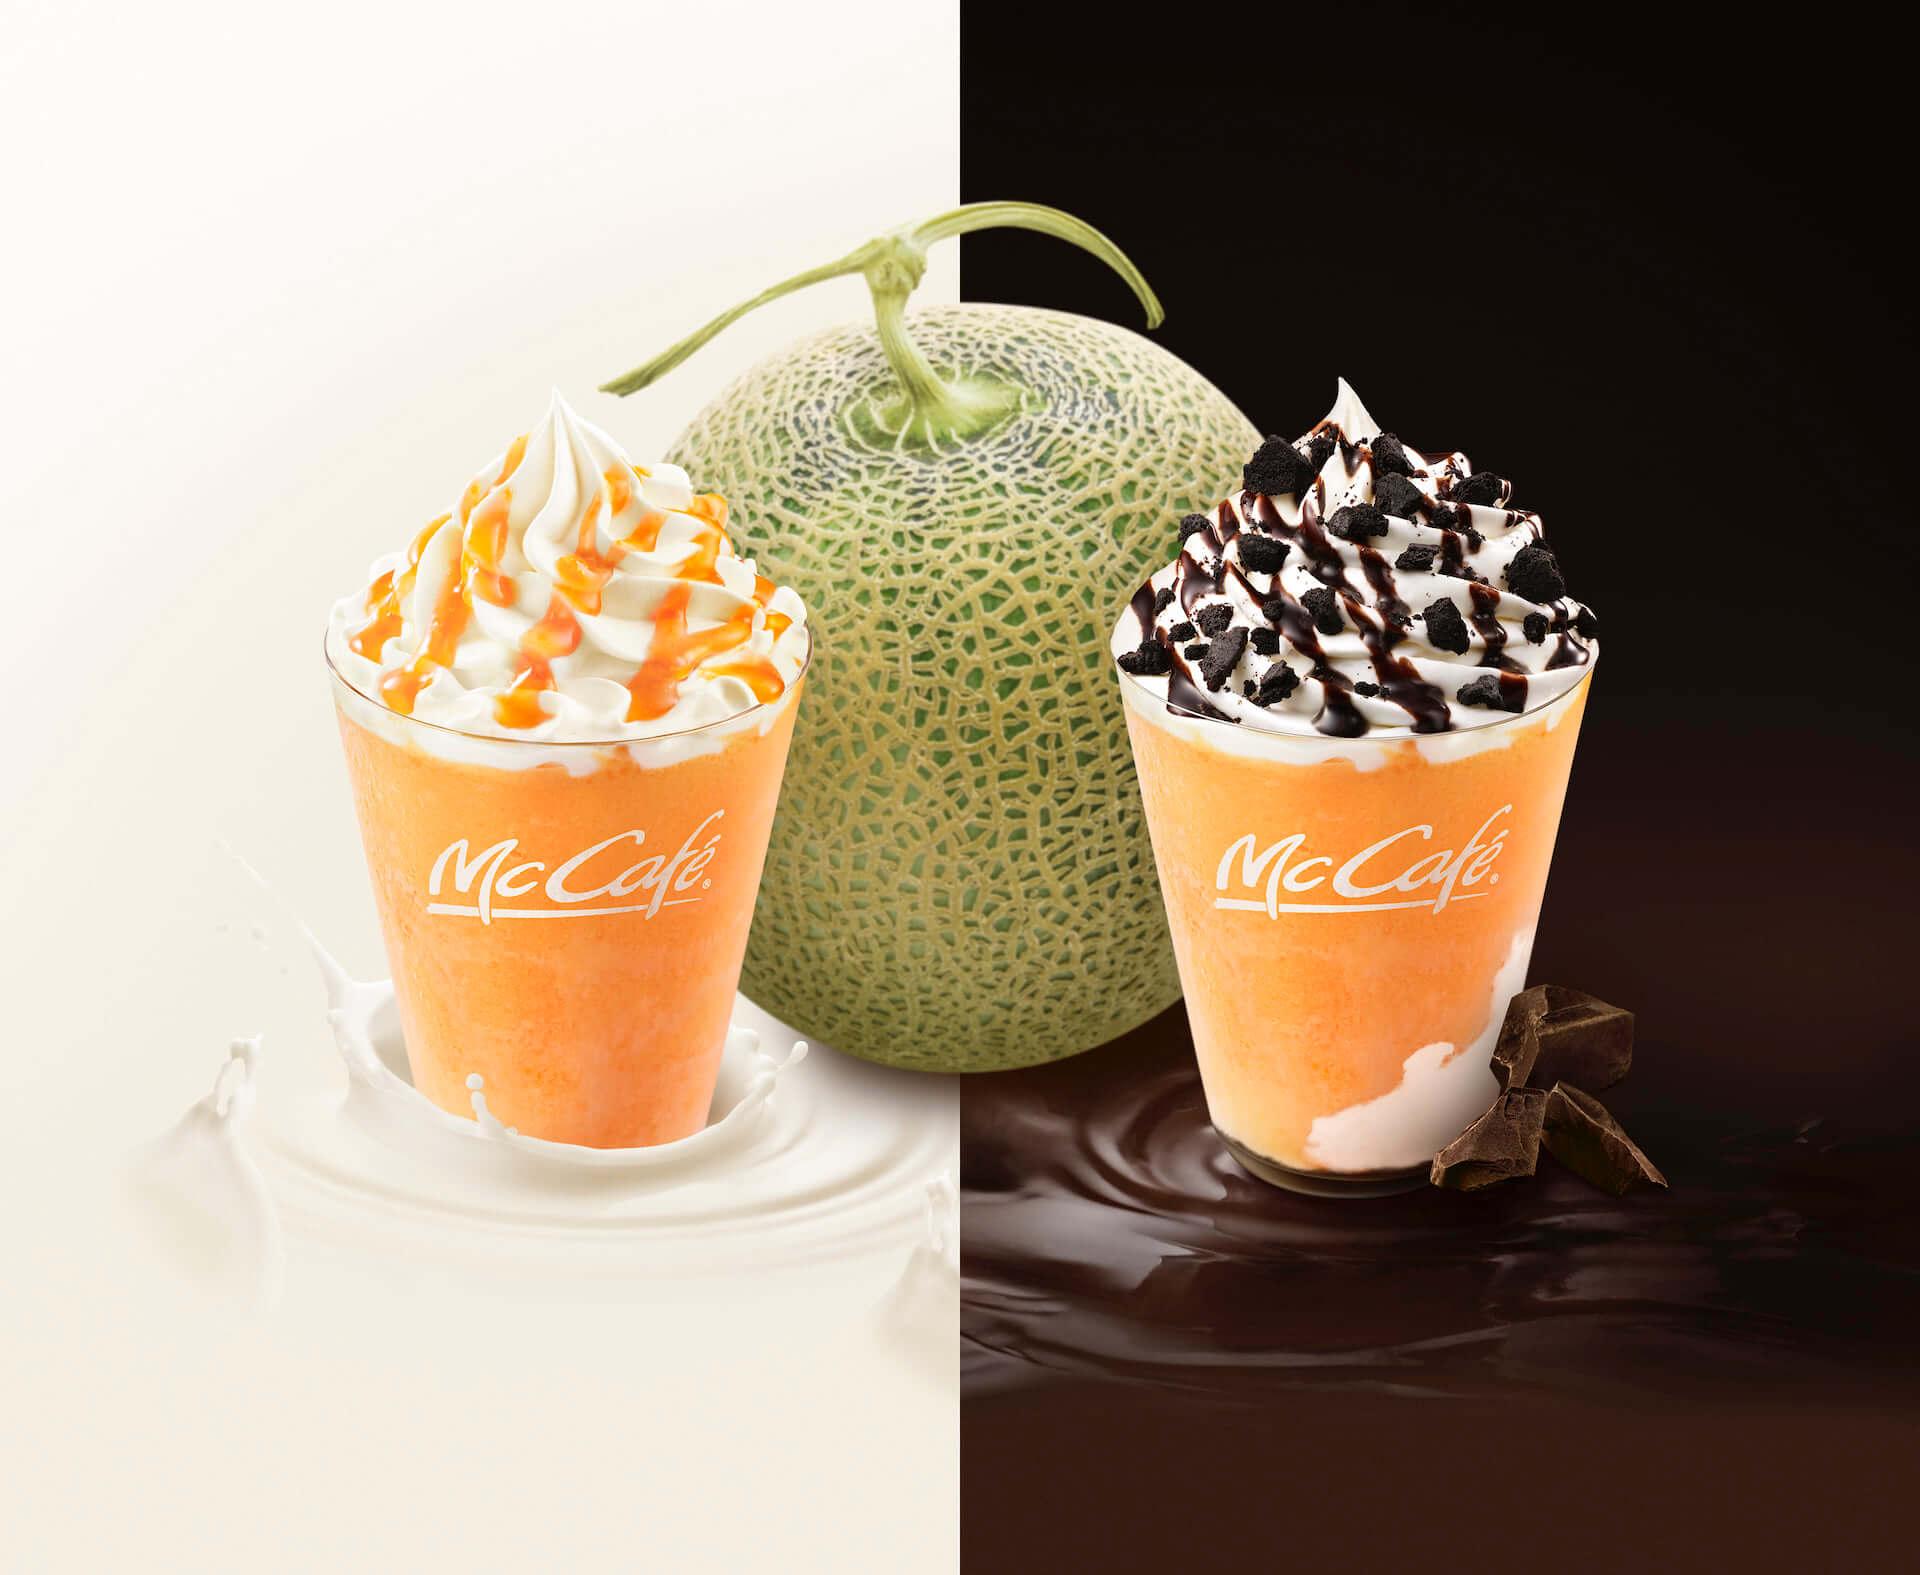 マクドナルドのMcCafe by Baristaに「北海道メロンフラッペ」が登場|人気のミルク味と、初のチョコ味の2種類が楽しめる! gourmet200618_mccafe_main-1920x1575